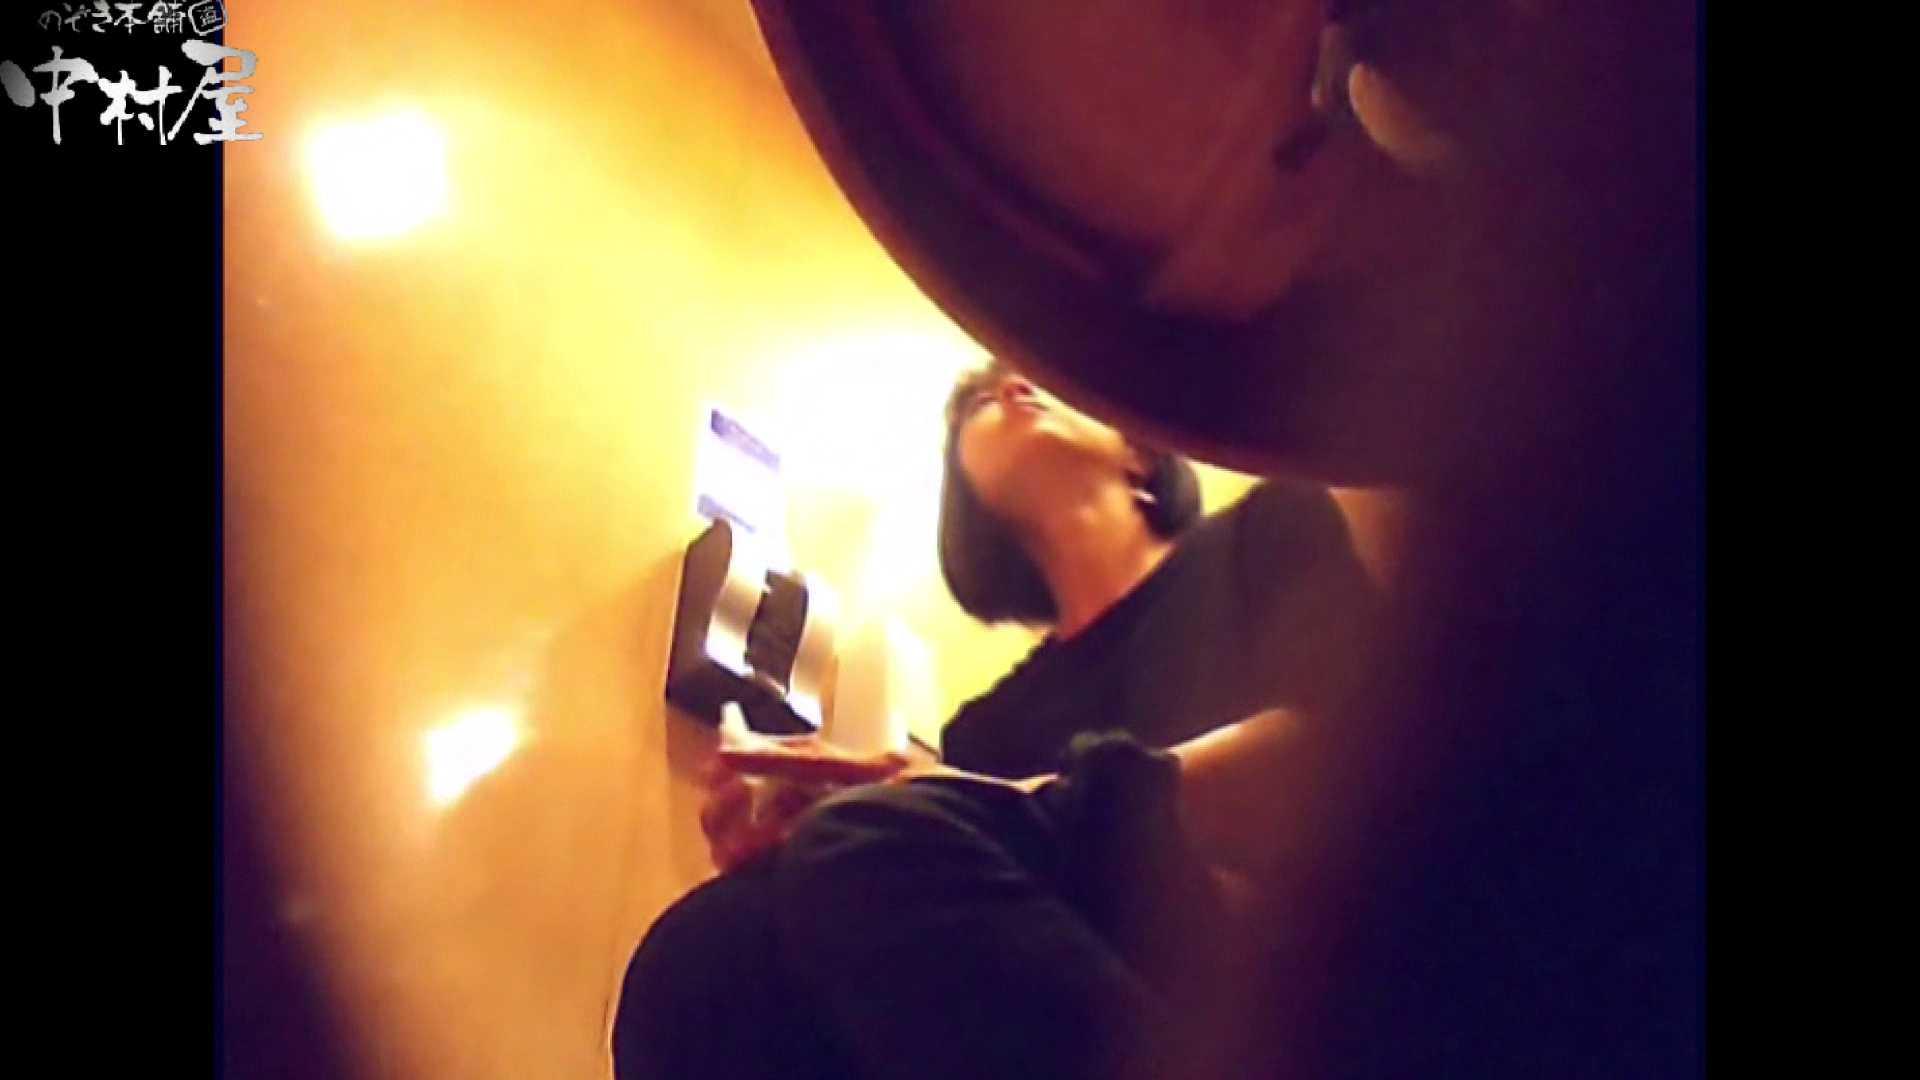 突撃!女子化粧室の真実vol.31後編 熟女のエロ動画 おまんこ動画流出 80PIX 27